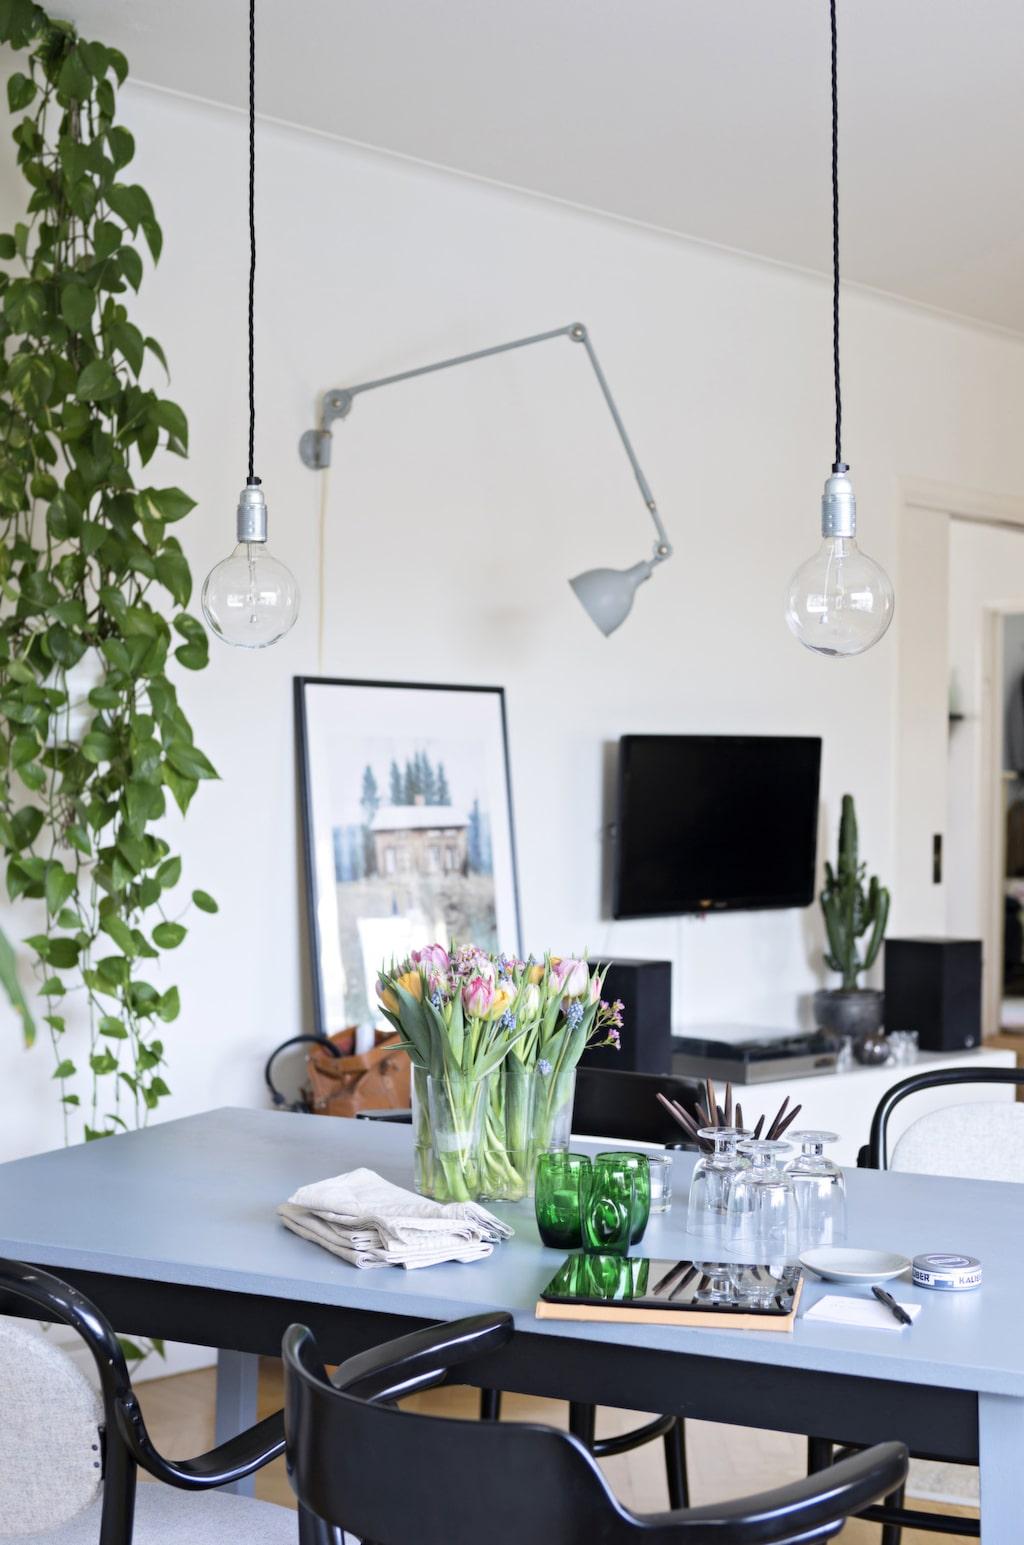 Två enkla glödlampor i stället för en lampa skapar en luftig känsla över matbordet.